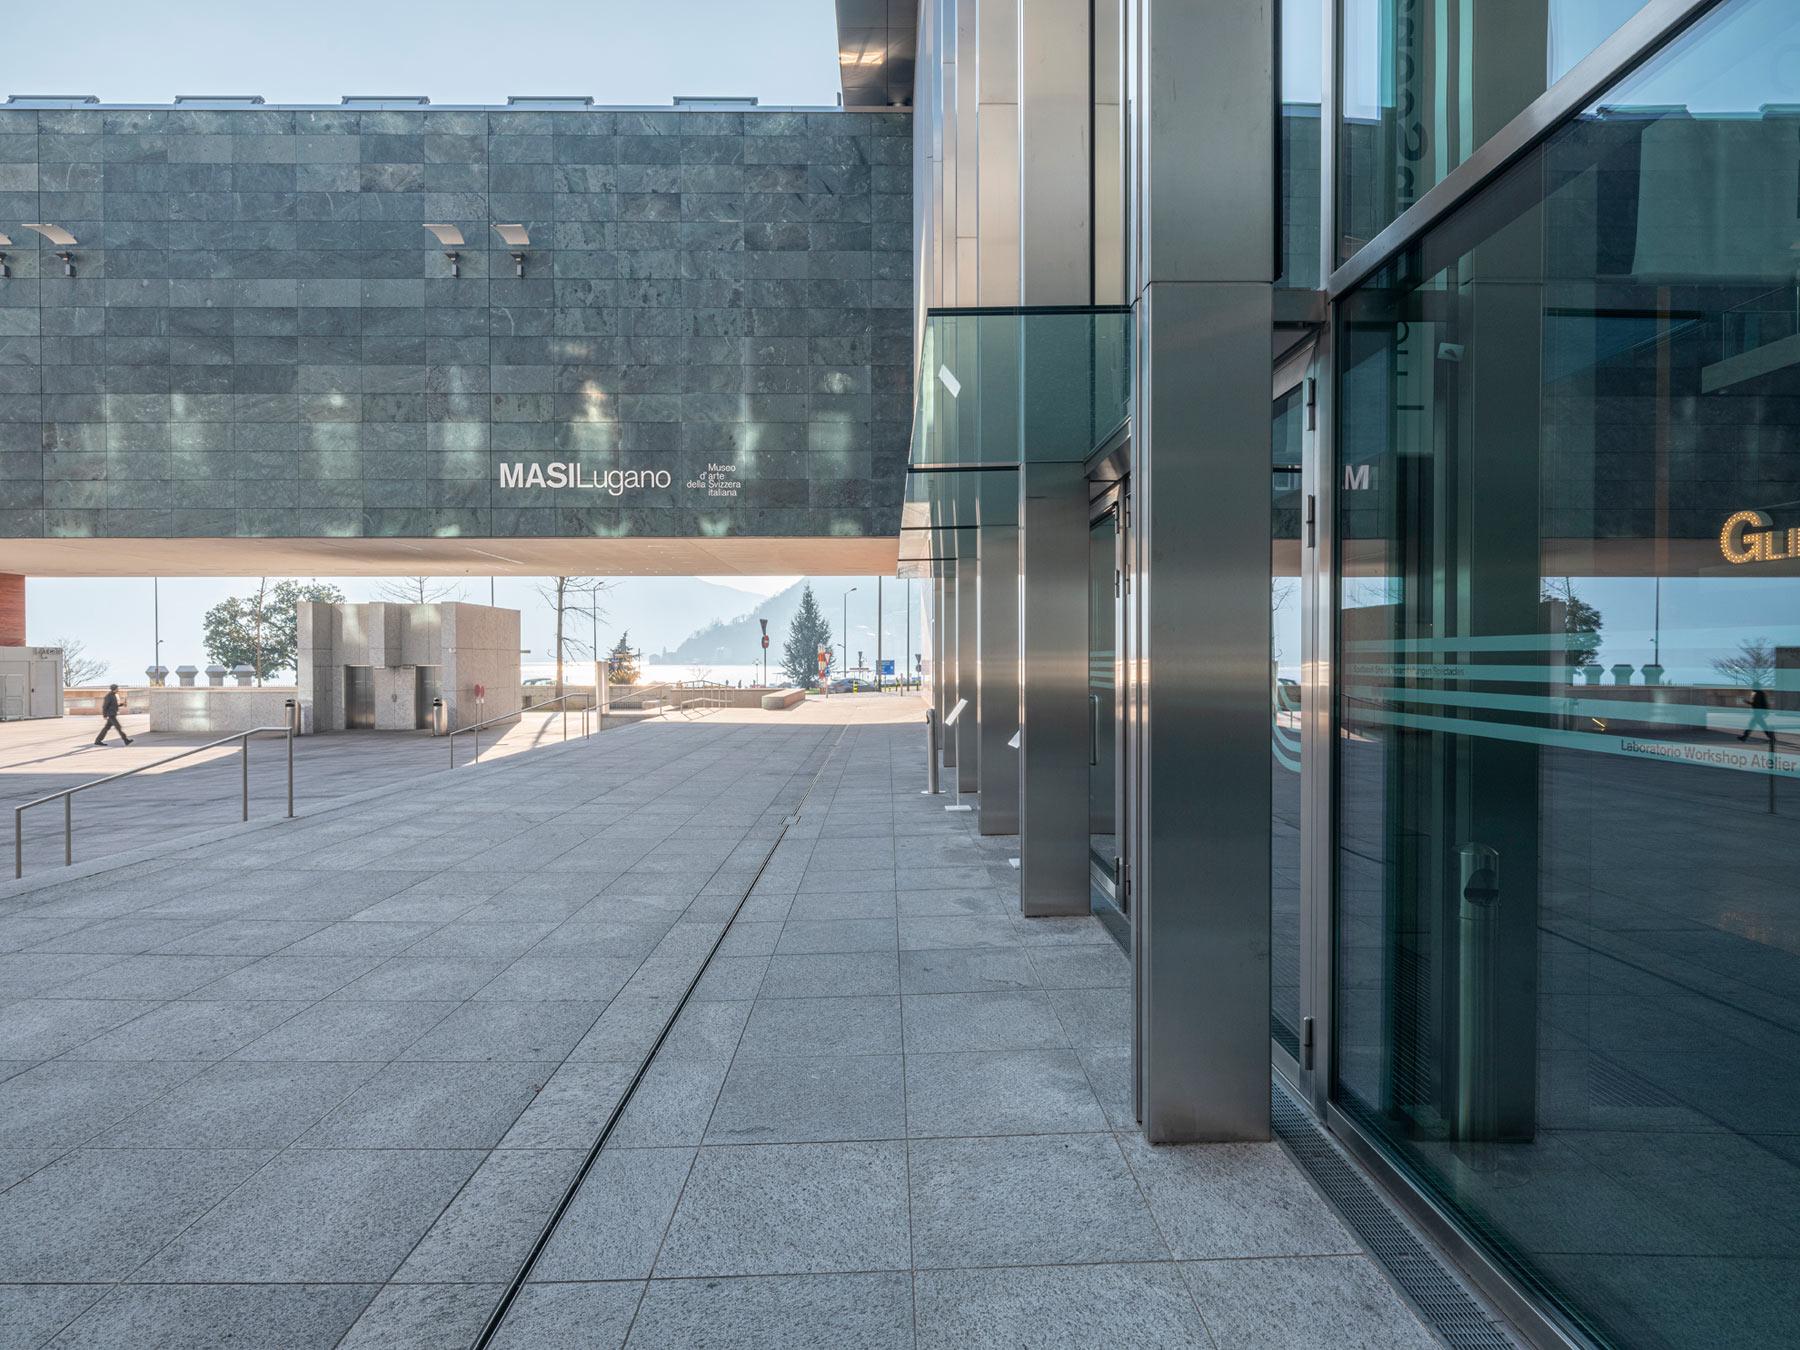 MASI - Museo d'Arte della Svizzera Italiana, Lugano